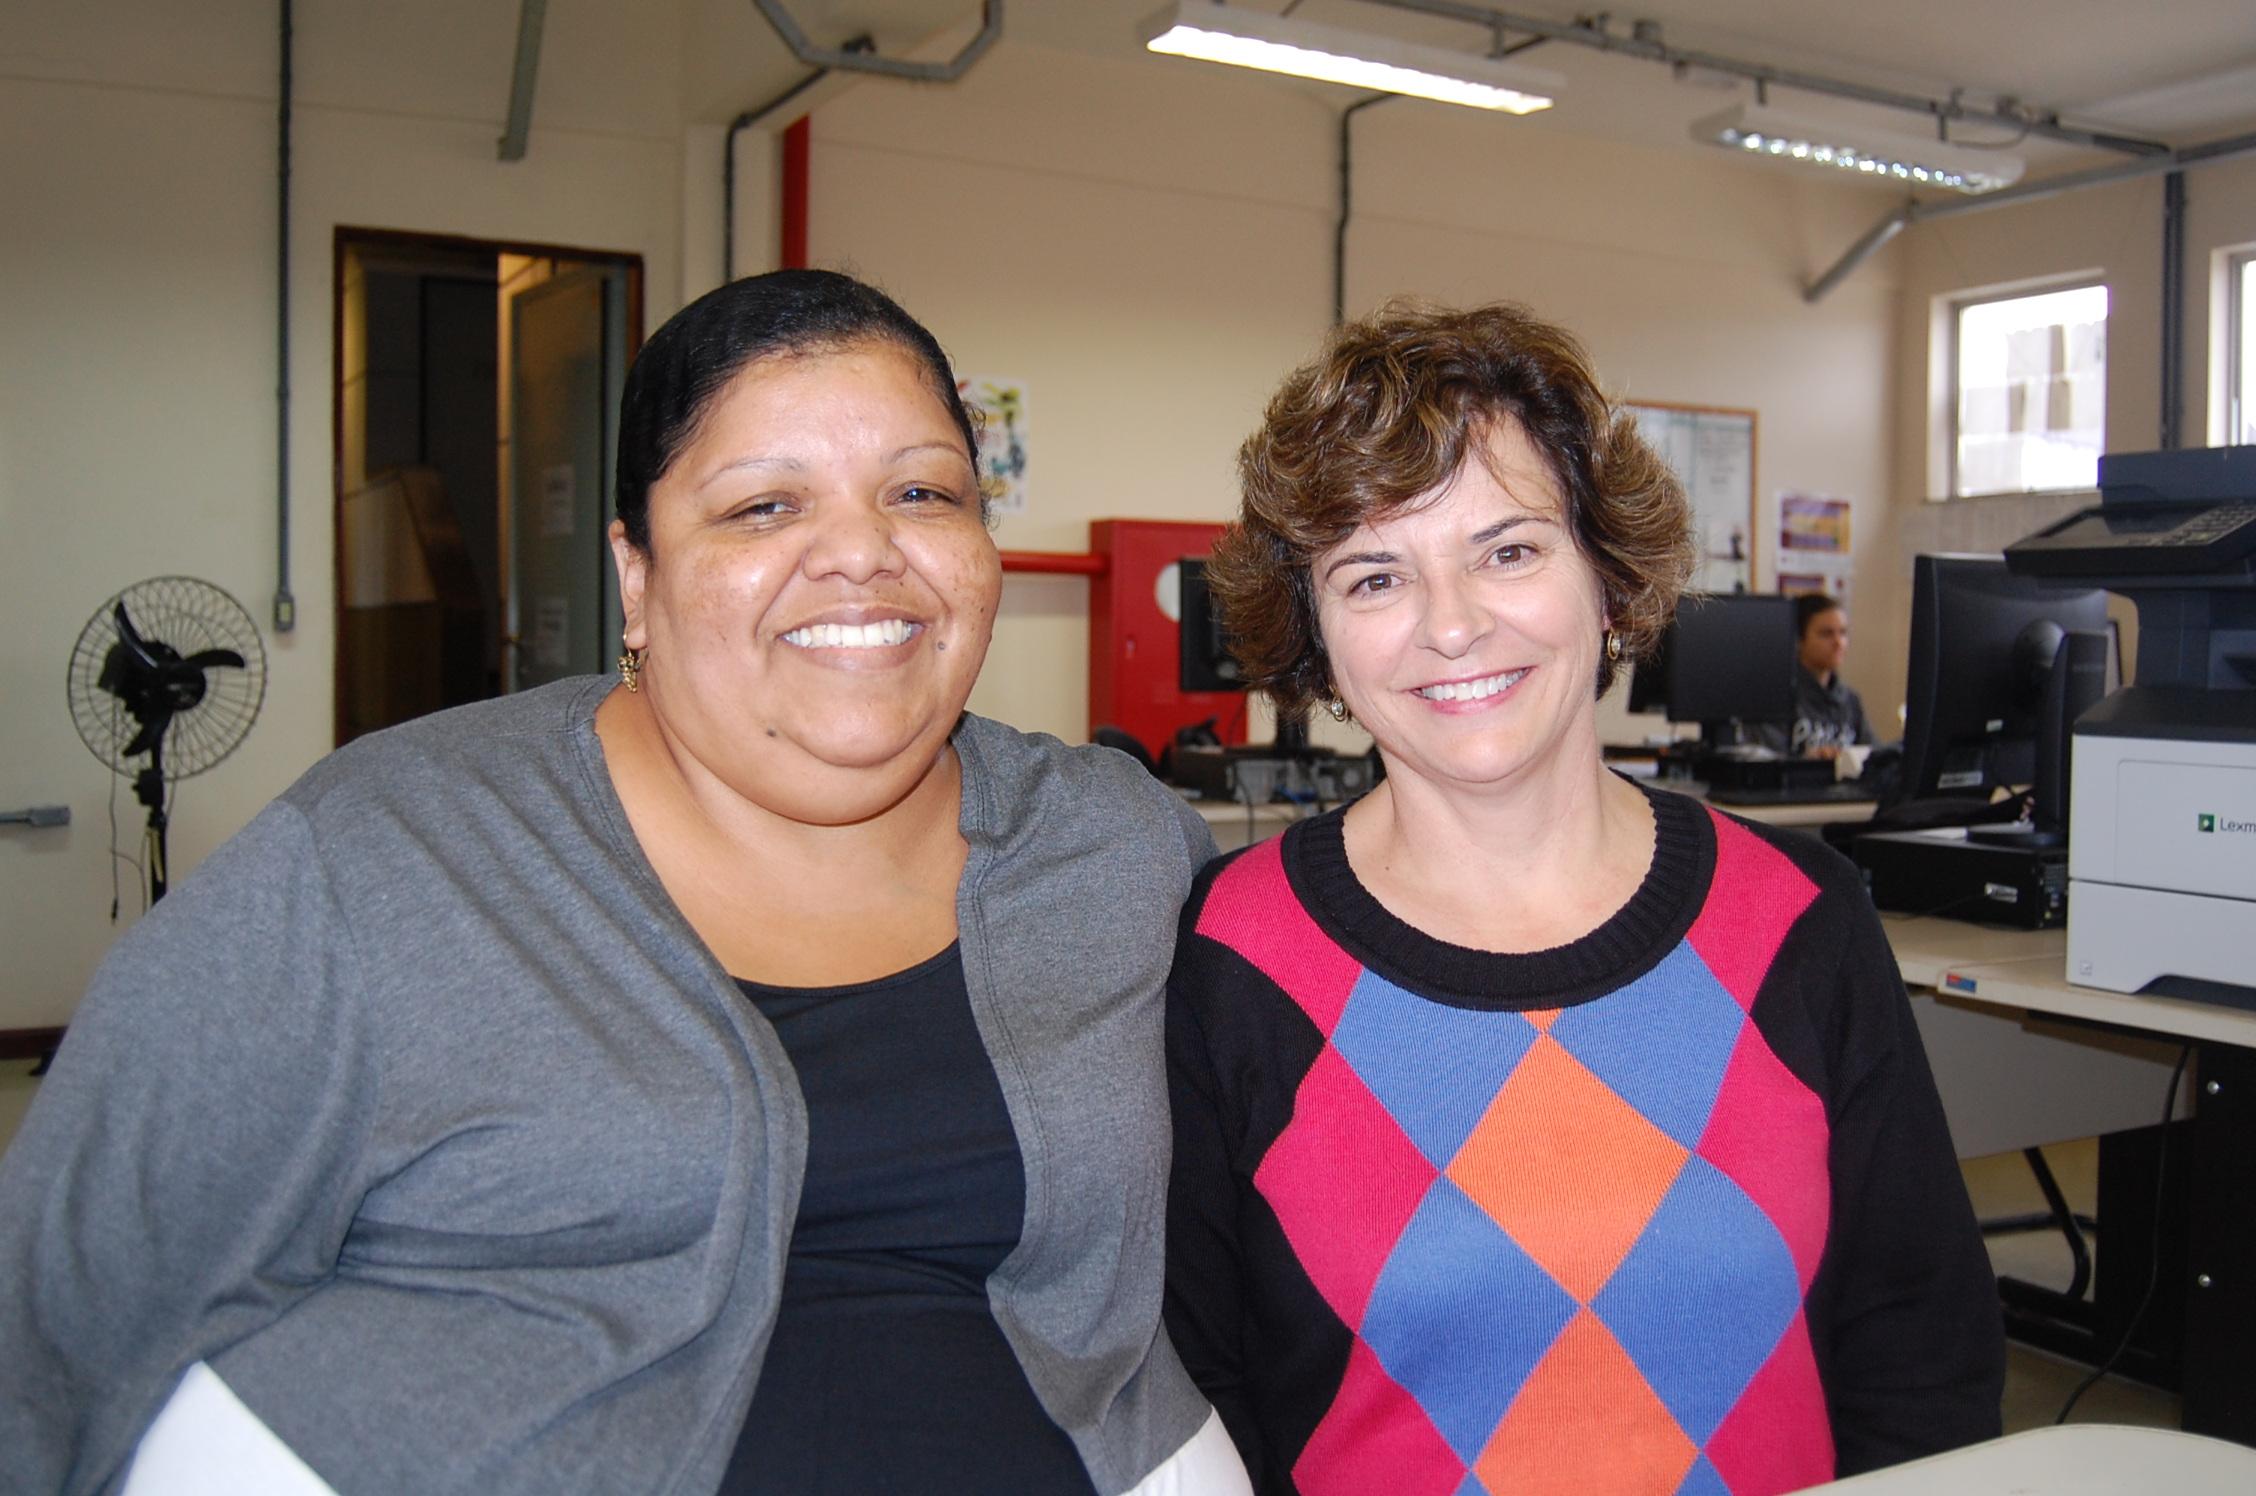 Denise Costa Rosa e Rosa Maria da Exaltação Coutrim: Foto_Gláucio Santos